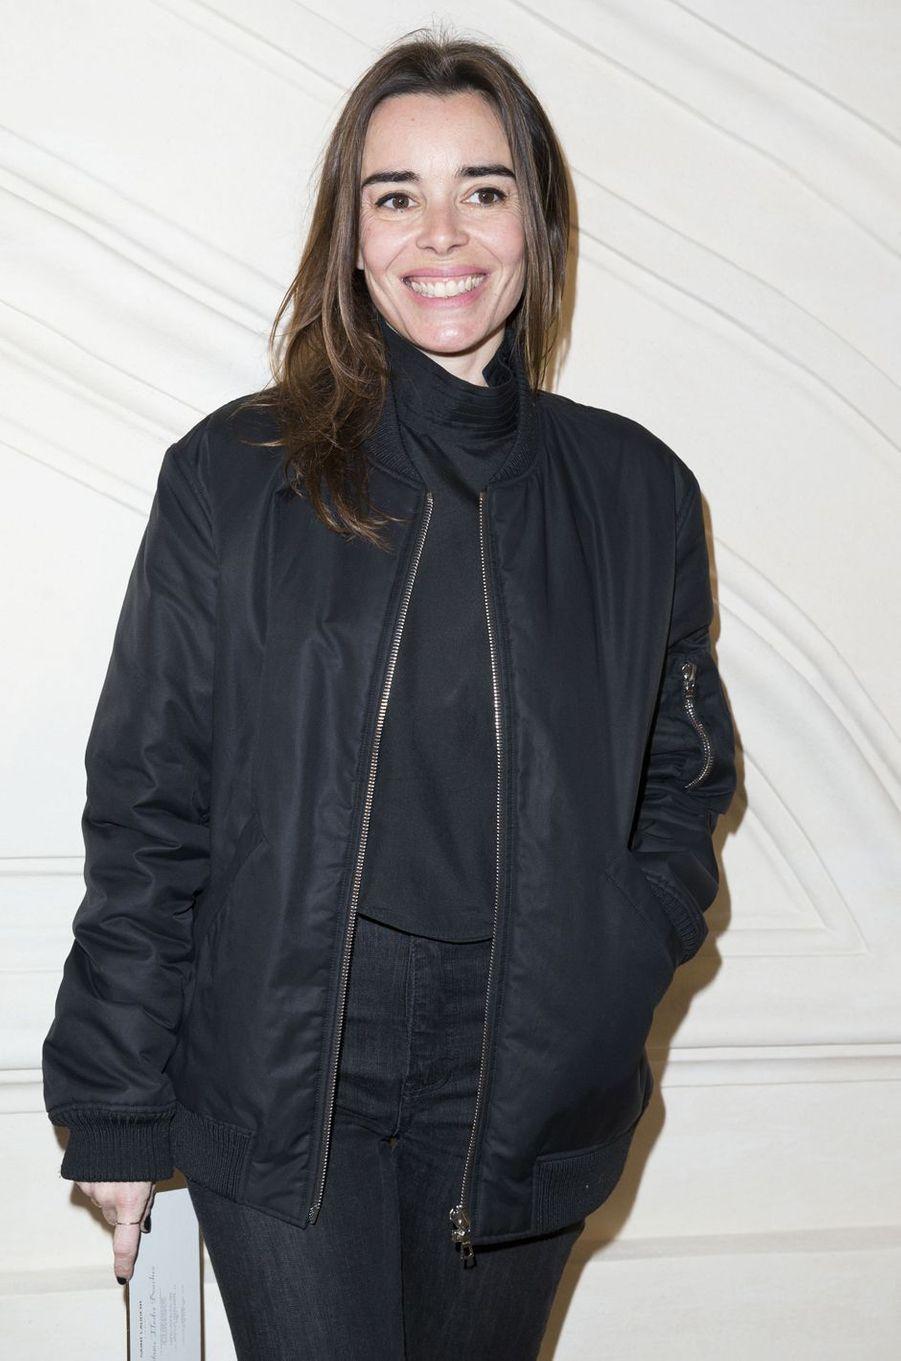 Elodie Bouchez à Paris le 7 mars 2016